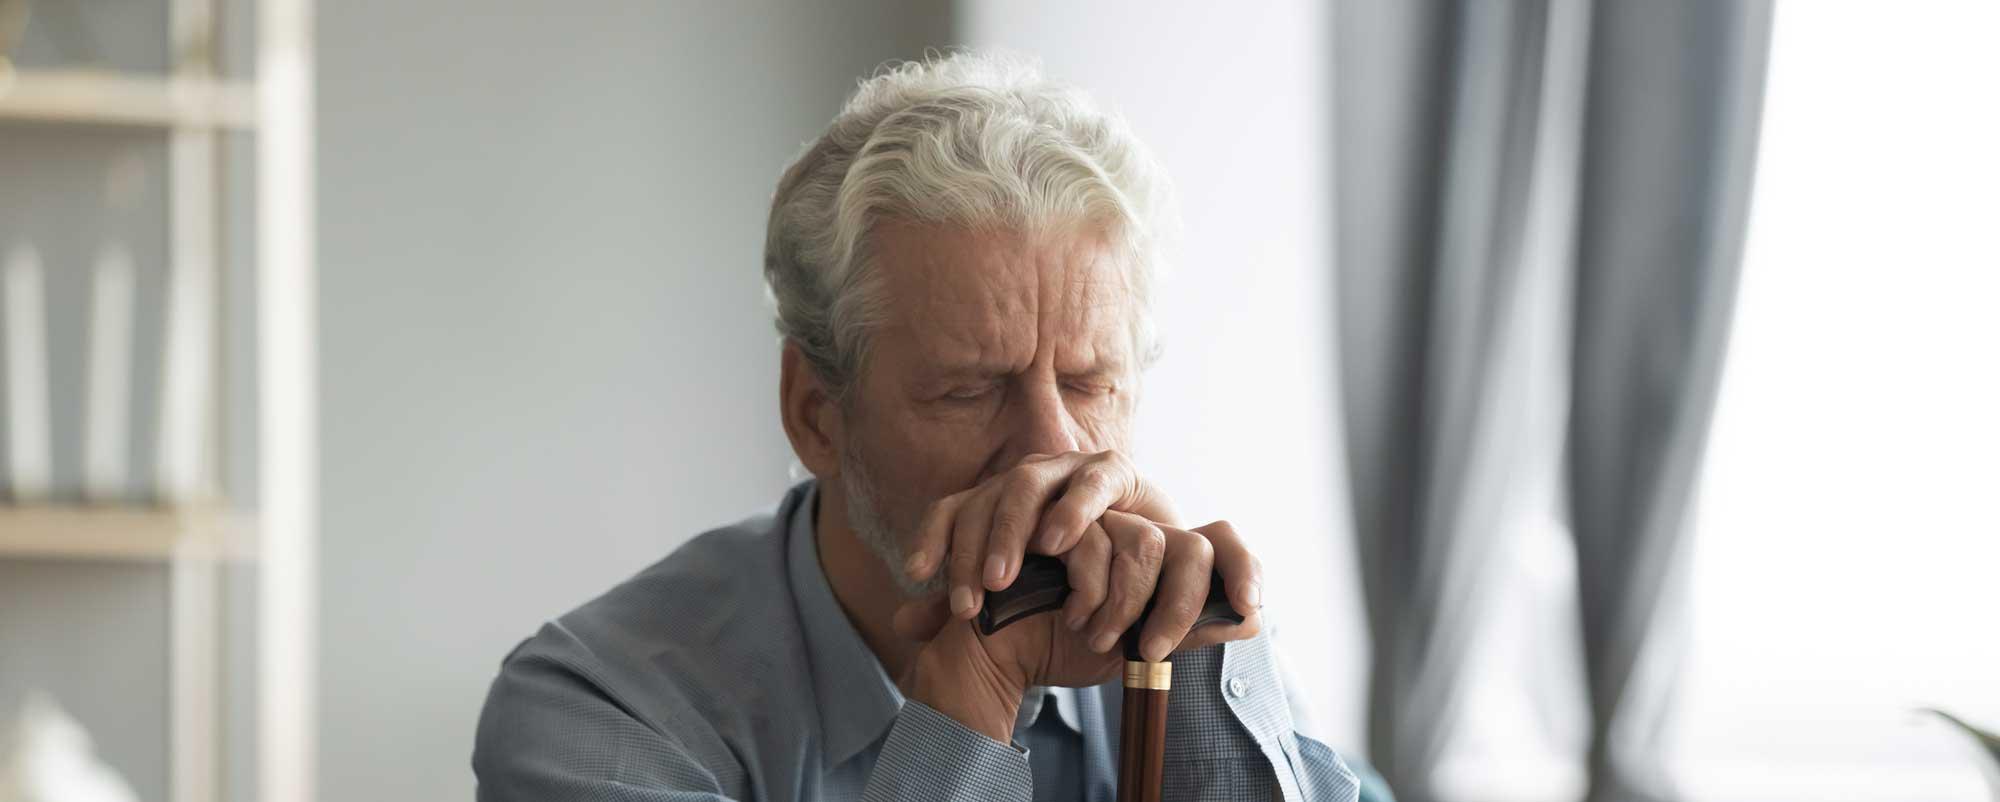 anziani-depressione-senile